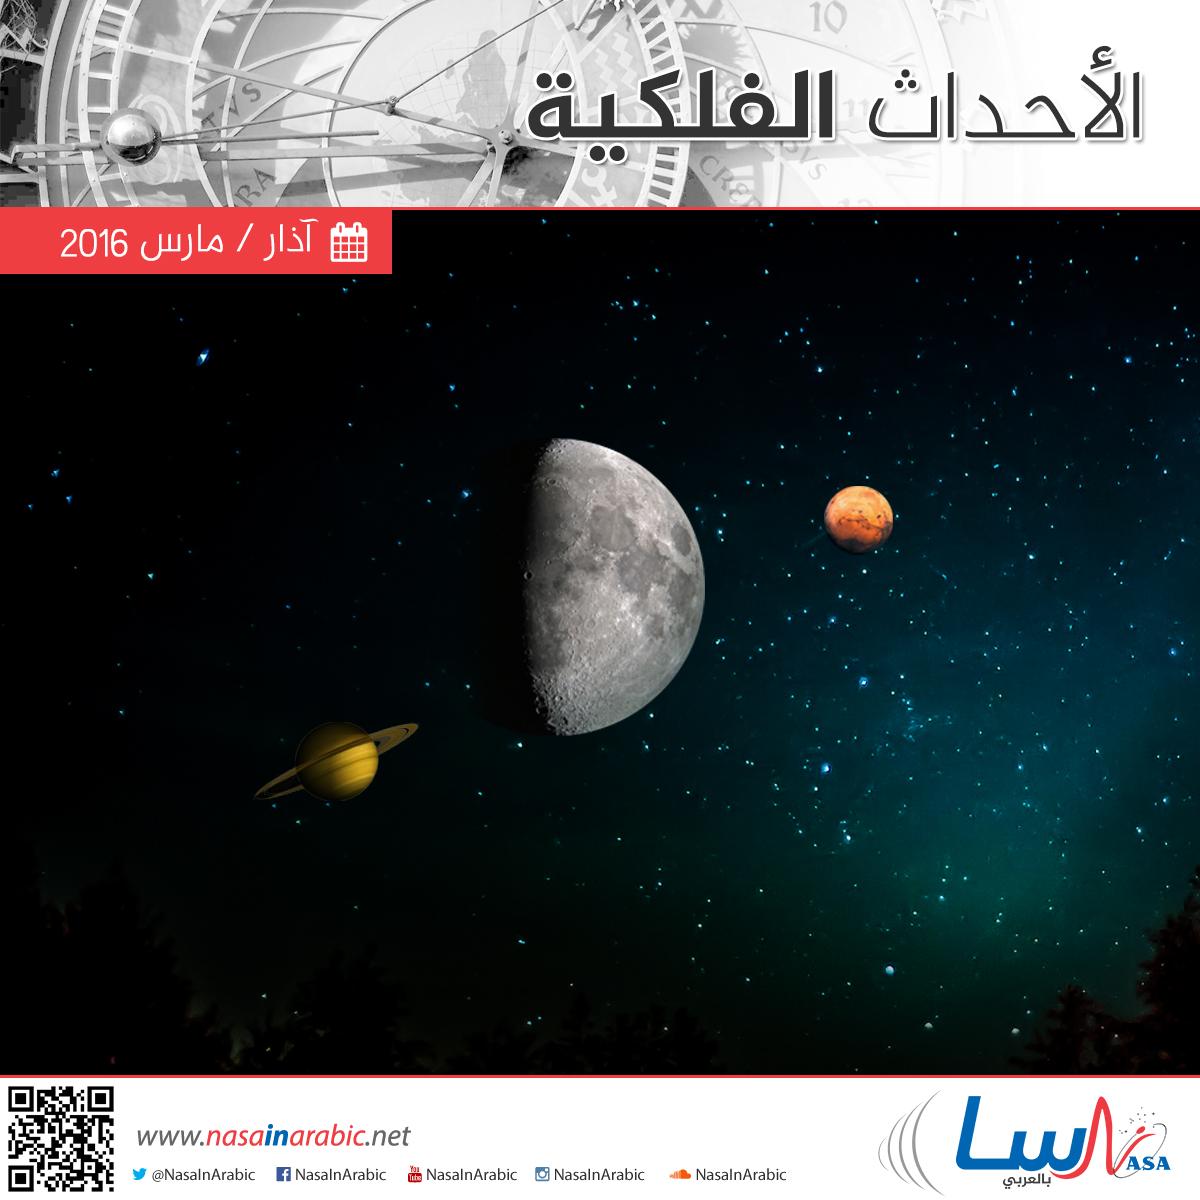 أهم الأحداث الفلكية خلال شهر آذار/مارس 2016